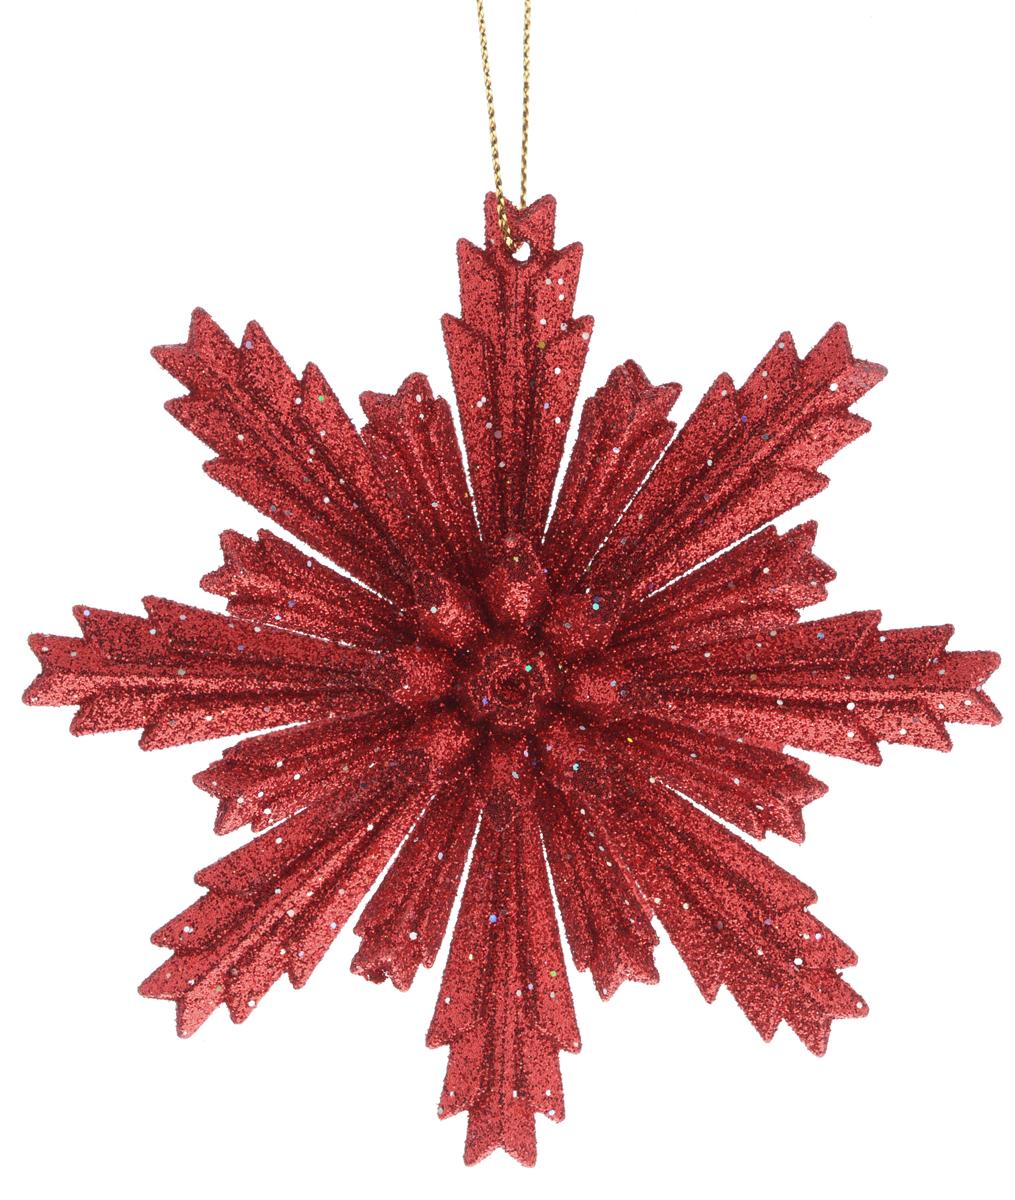 Новогоднее подвесное украшение Феникс-презент Снежинка, цвет: красный, диаметр 11 смФ21-1638_красныйПодвесное украшение Феникс-презент Снежинка, выполненное из пластика, прекрасно подойдет для праздничного декора вашей ели. Оригинальное новогоднее украшение в виде снежинки оформлено блестками. С помощью специальной текстильной петельки его можно повесить в любом понравившемся вам месте. Но удачнее всего такая игрушка будет смотреться на праздничной елке. Елочная игрушка - символ Нового года и Рождества. Она несет в себе волшебство и красоту праздника. Создайте в своем доме атмосферу веселья и радости, украшая новогоднюю елку нарядными игрушками, которые будут из года в год накапливать теплоту воспоминаний.